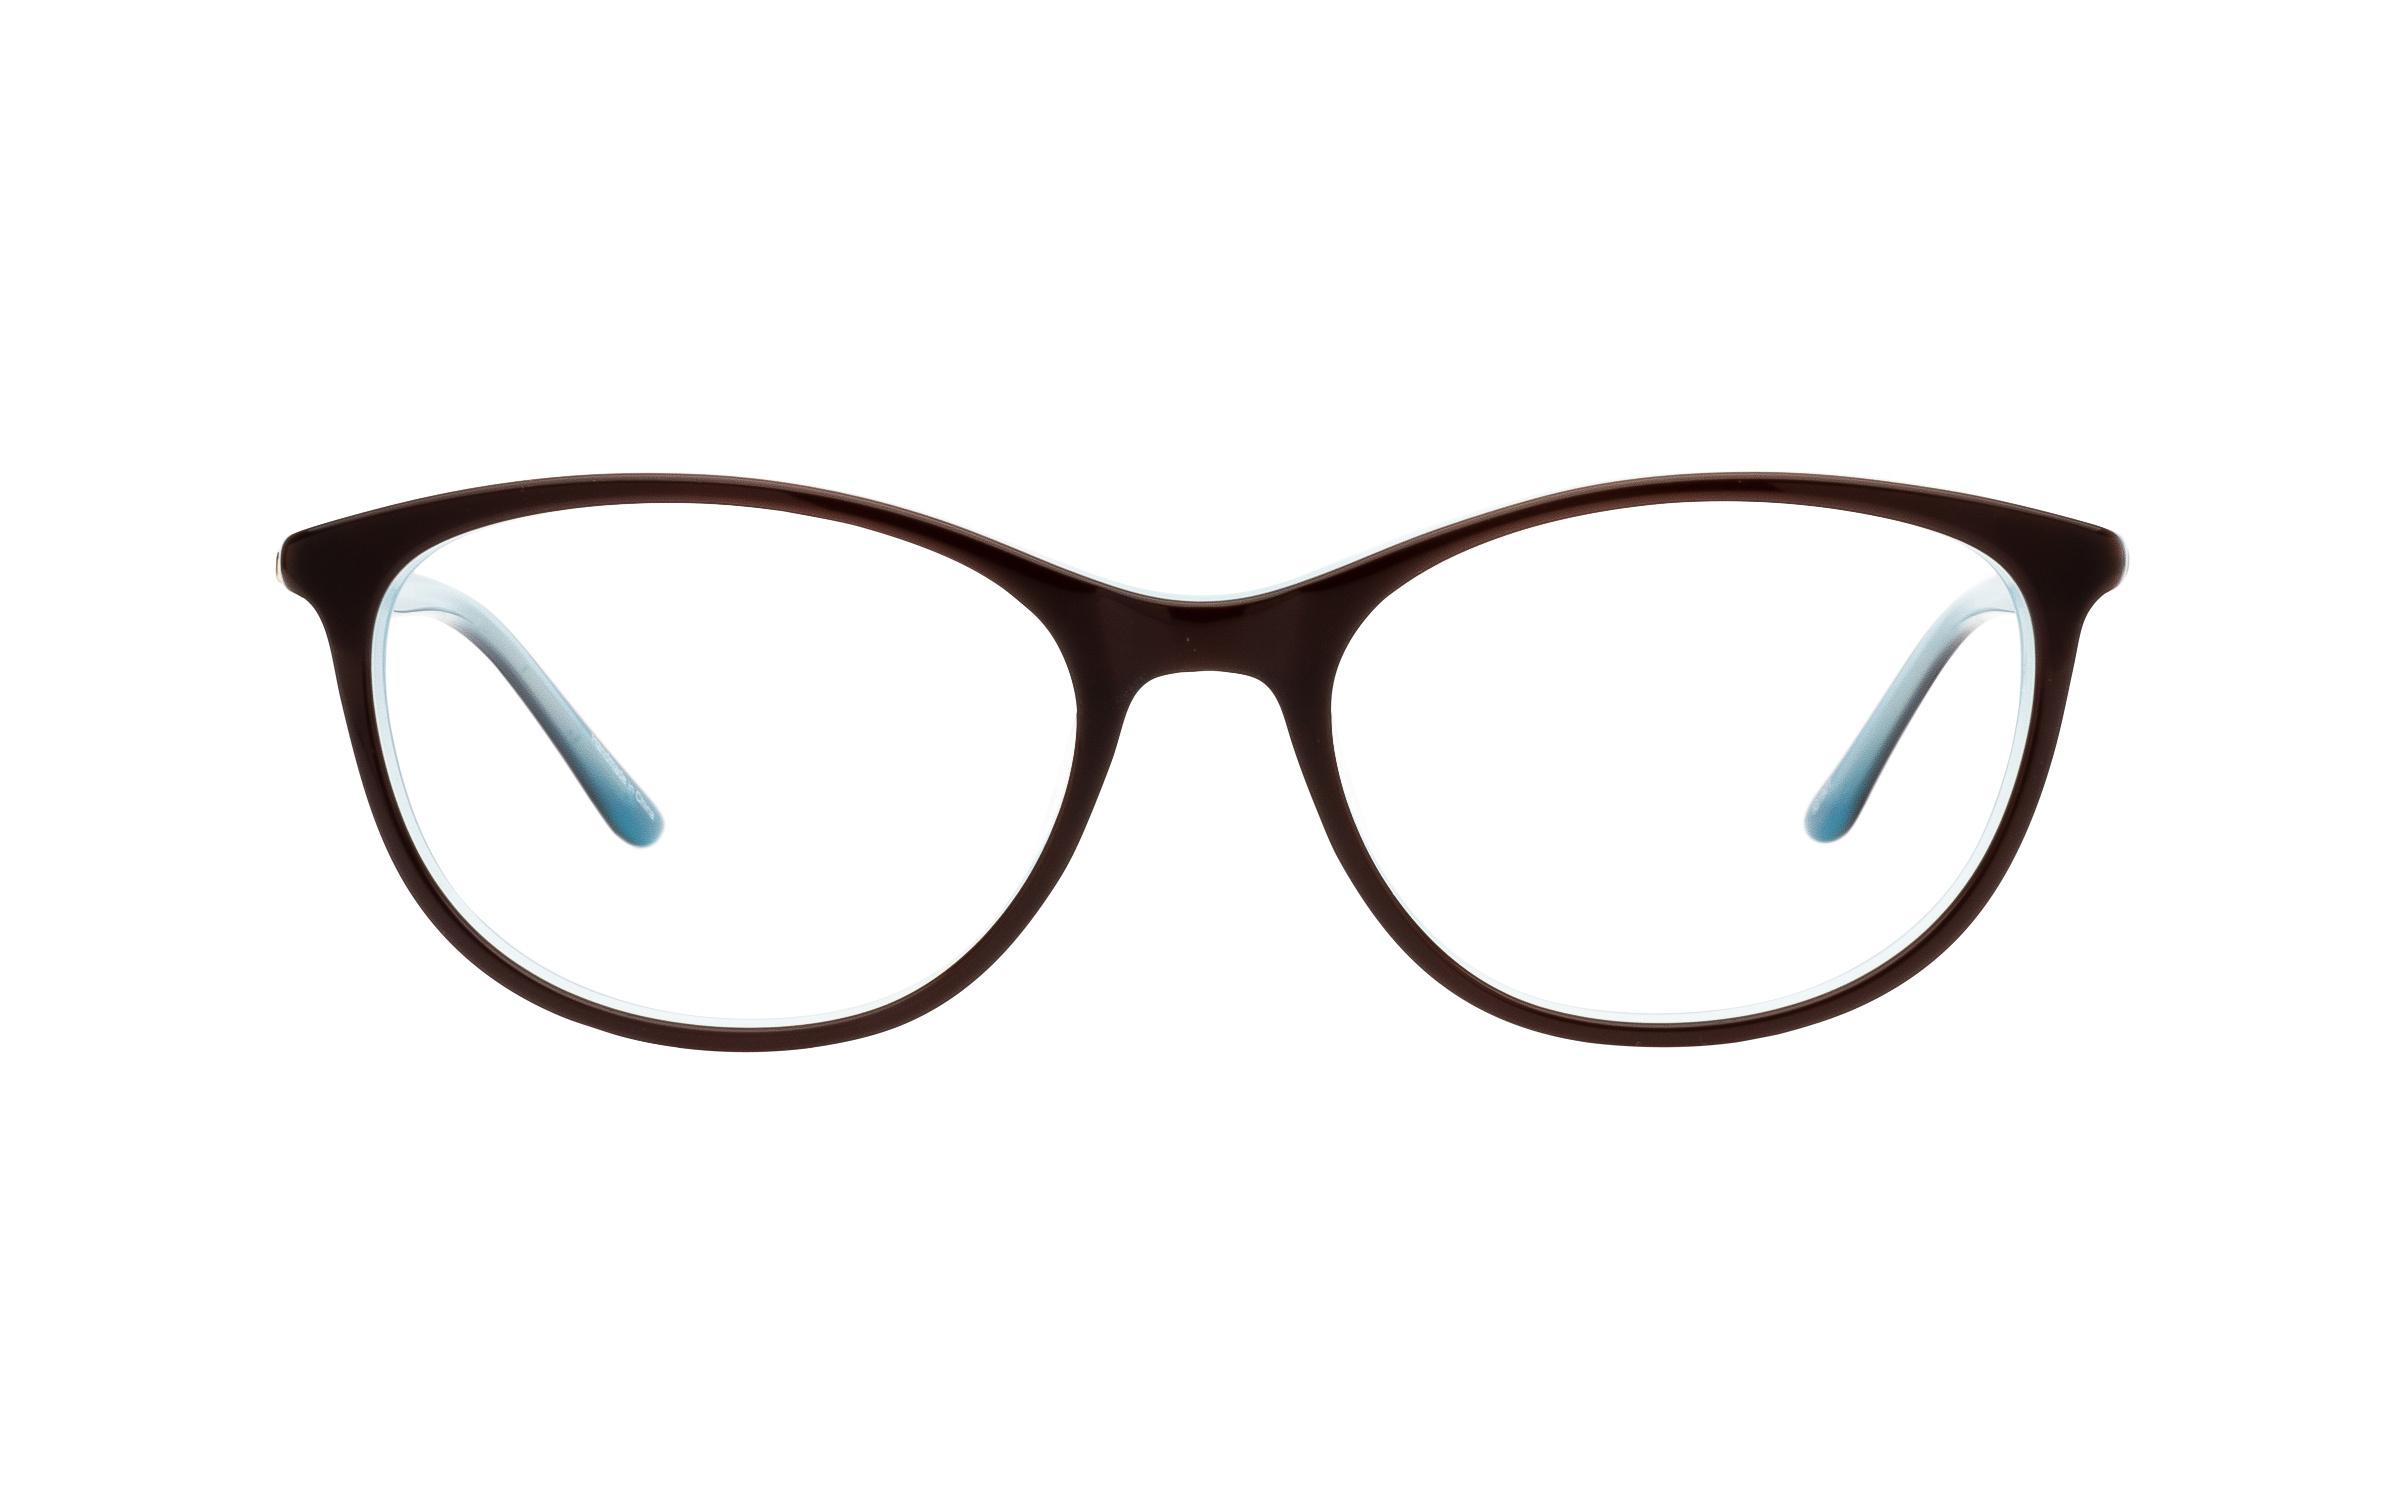 Kam Dhillon Judie (53) Eyeglasses and Frame in Brown | Acetate/Metal - Online